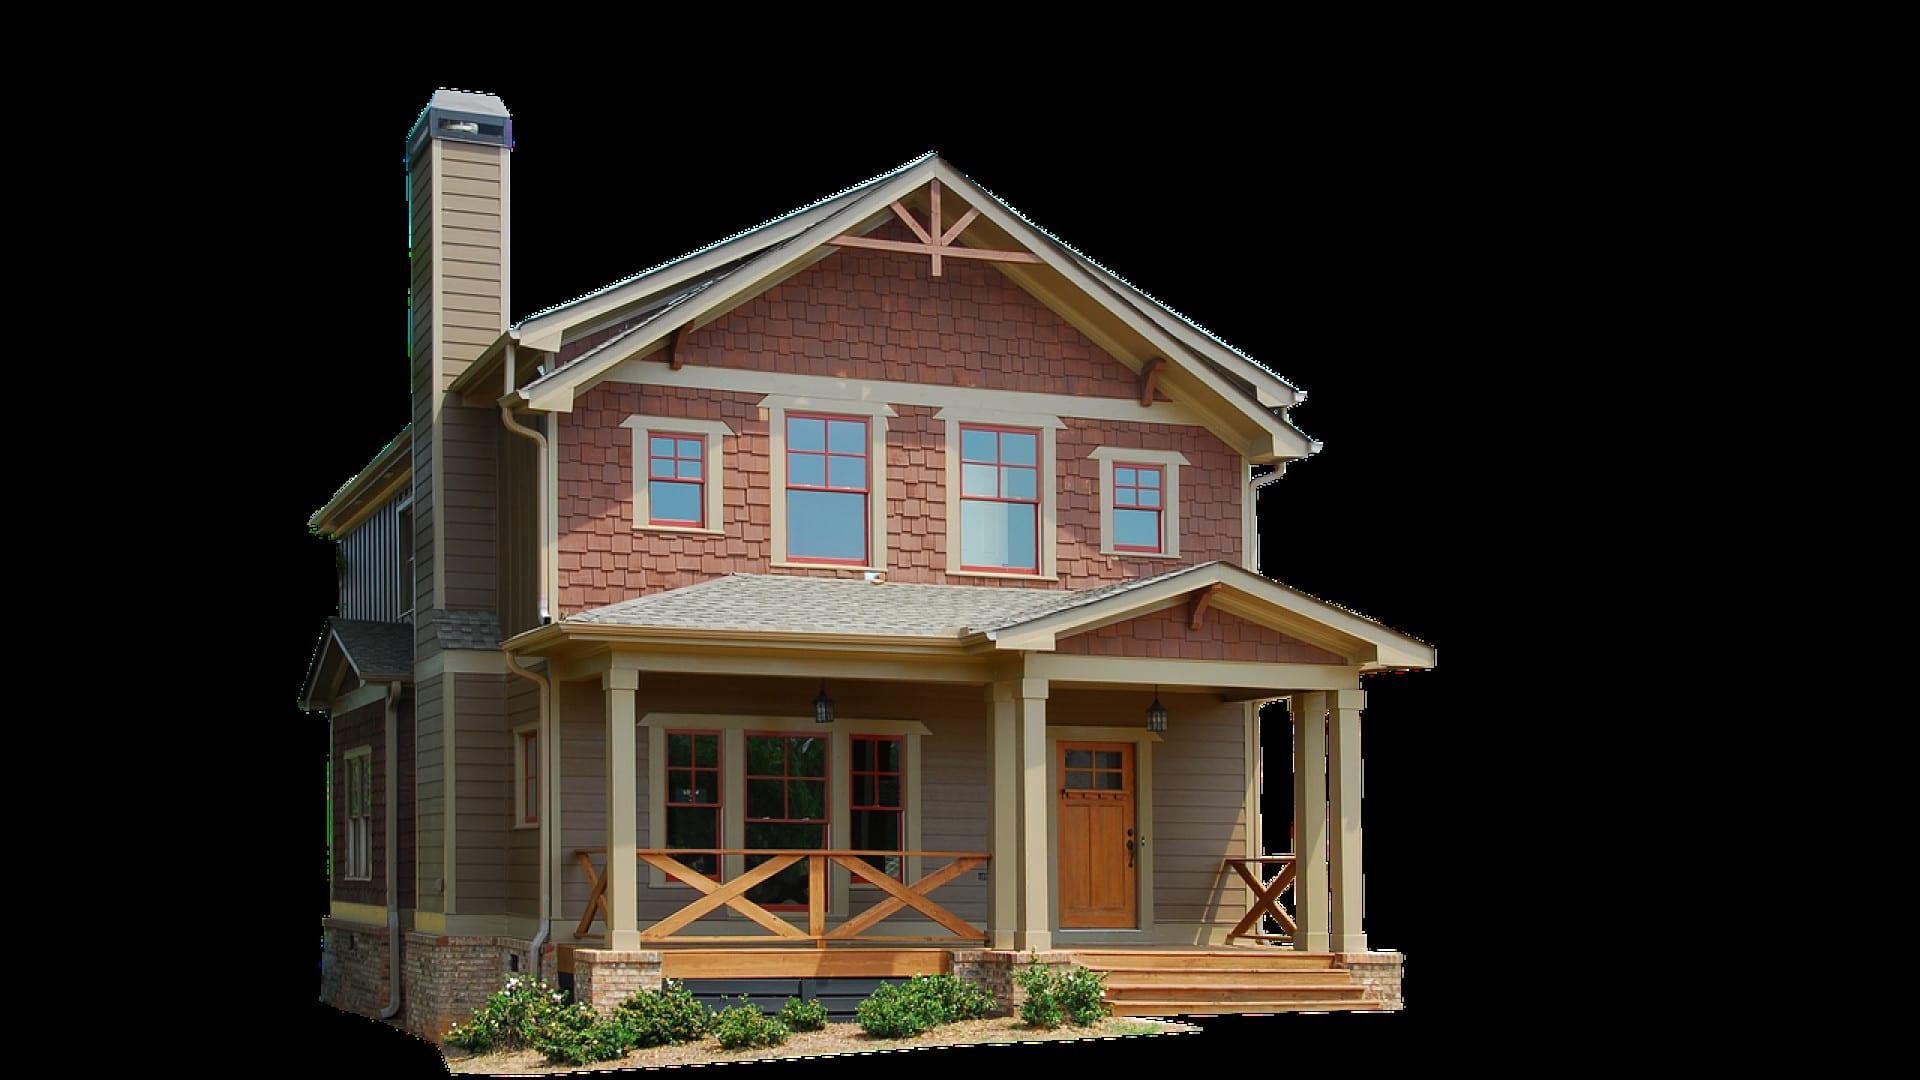 La véranda sur mesure peut transformer votre maison !